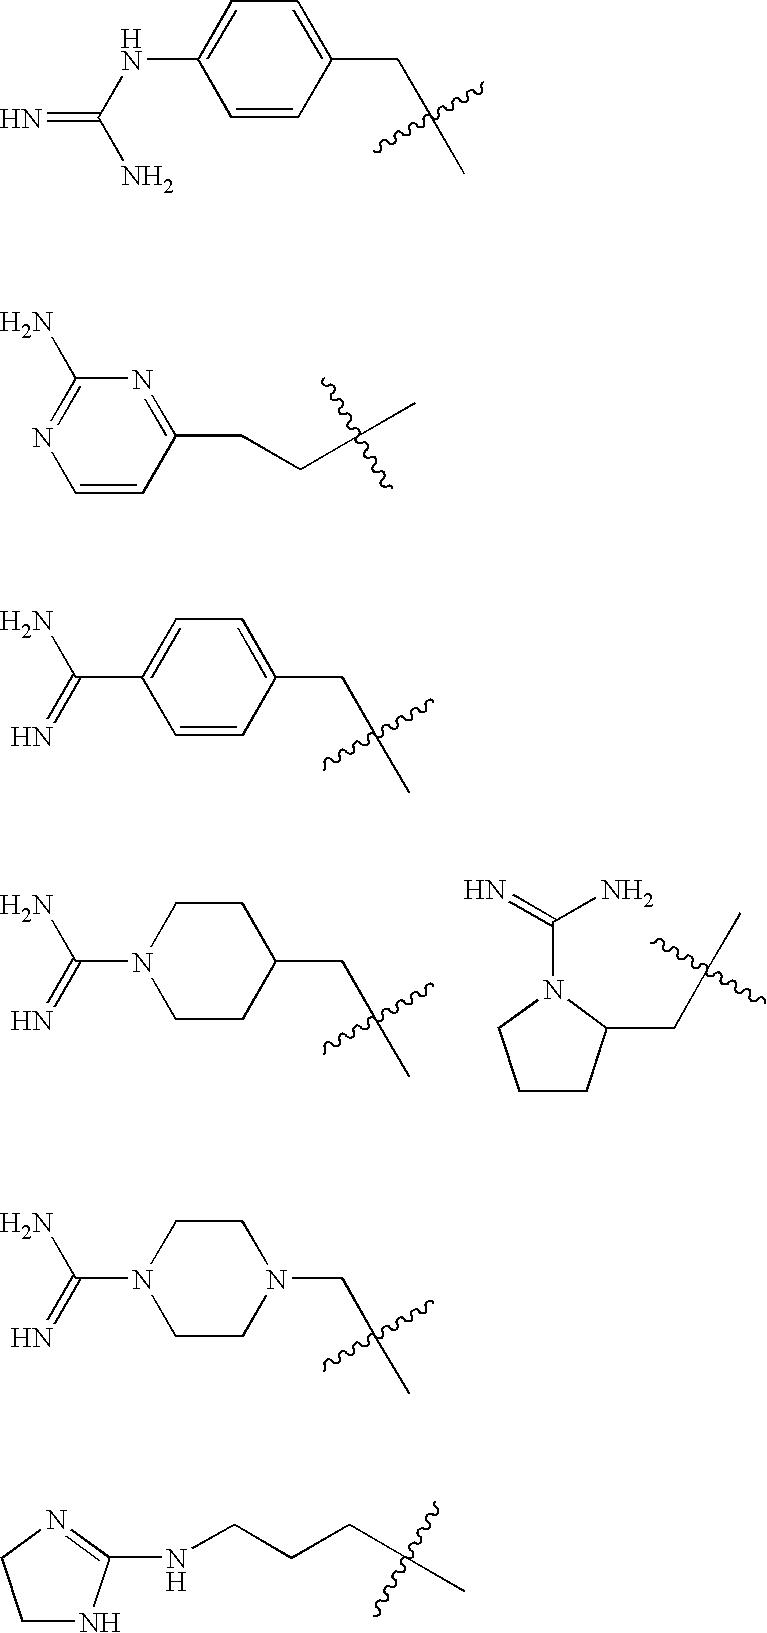 Figure US20100112042A1-20100506-C00001